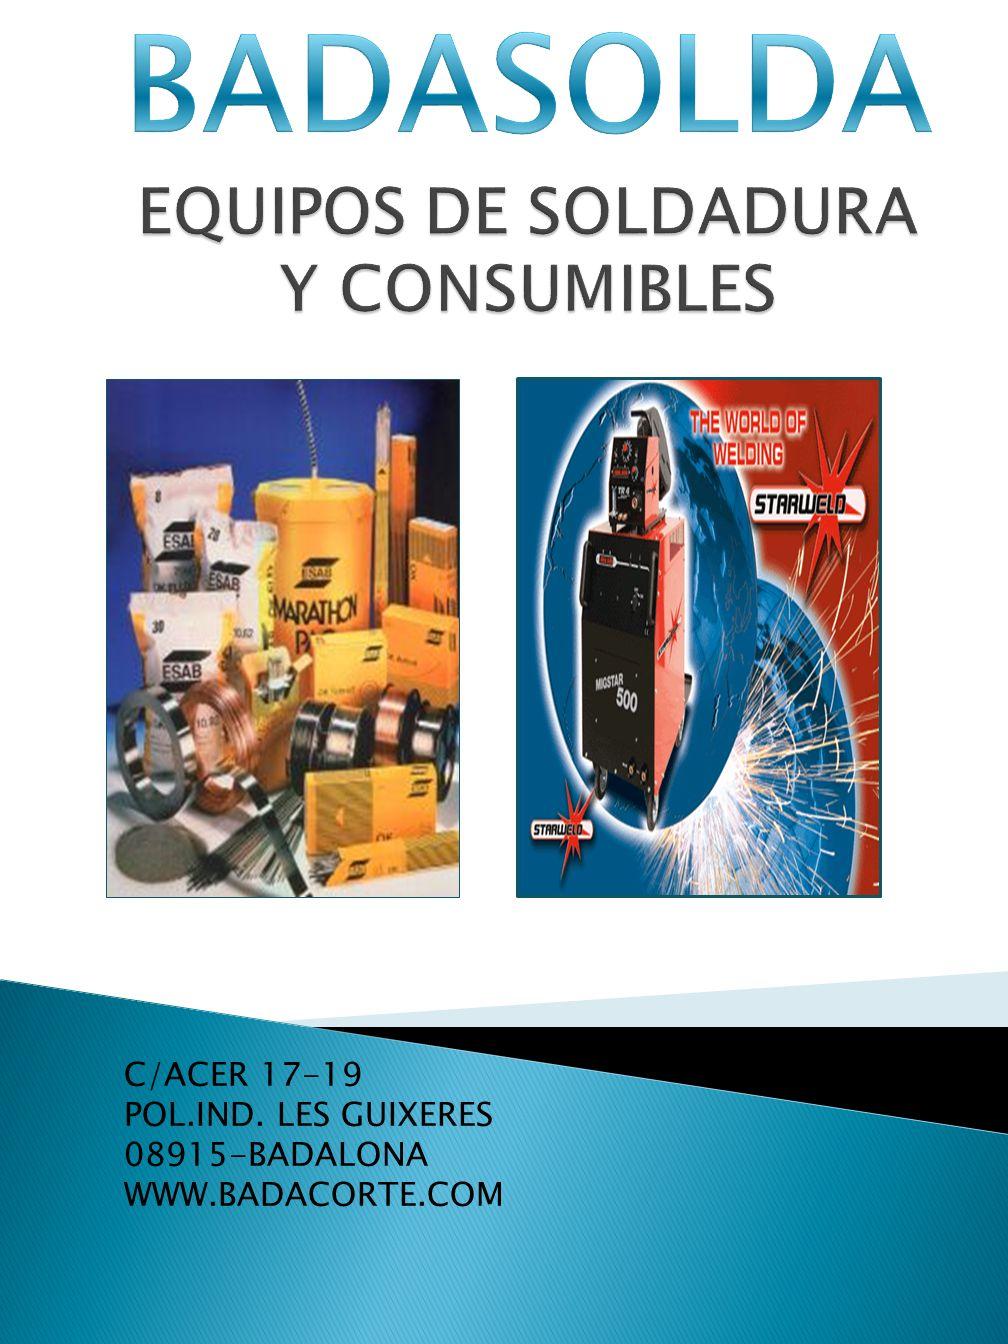 BADASOLDA EQUIPOS DE SOLDADURA Y CONSUMIBLES